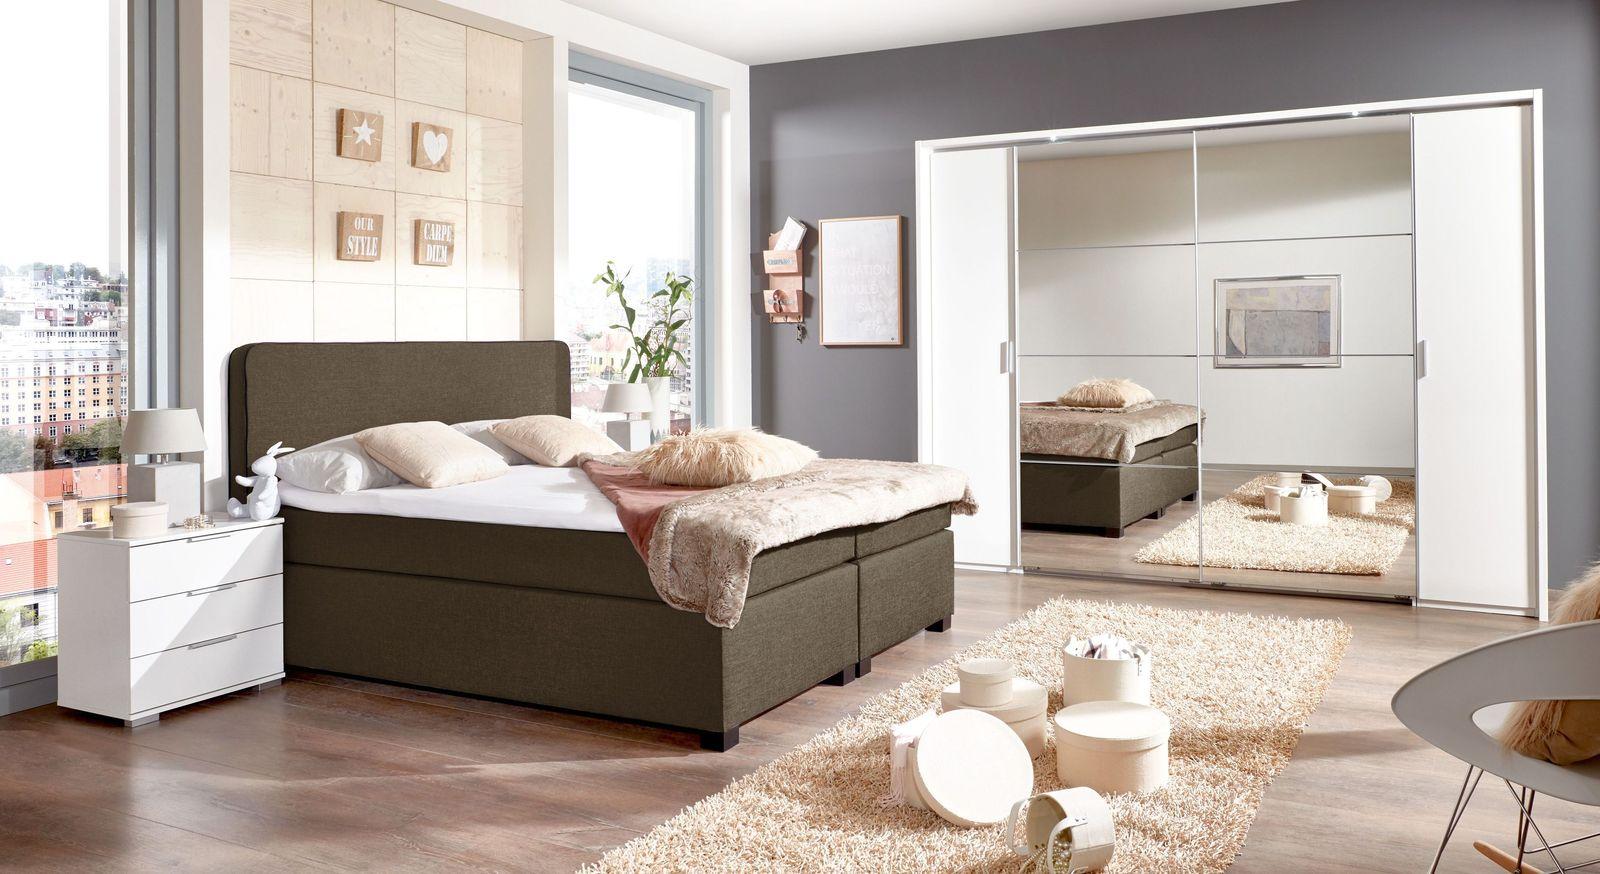 Komplett-Schlafzimmer Maniago mit Boxspringbett und Kleiderschrank